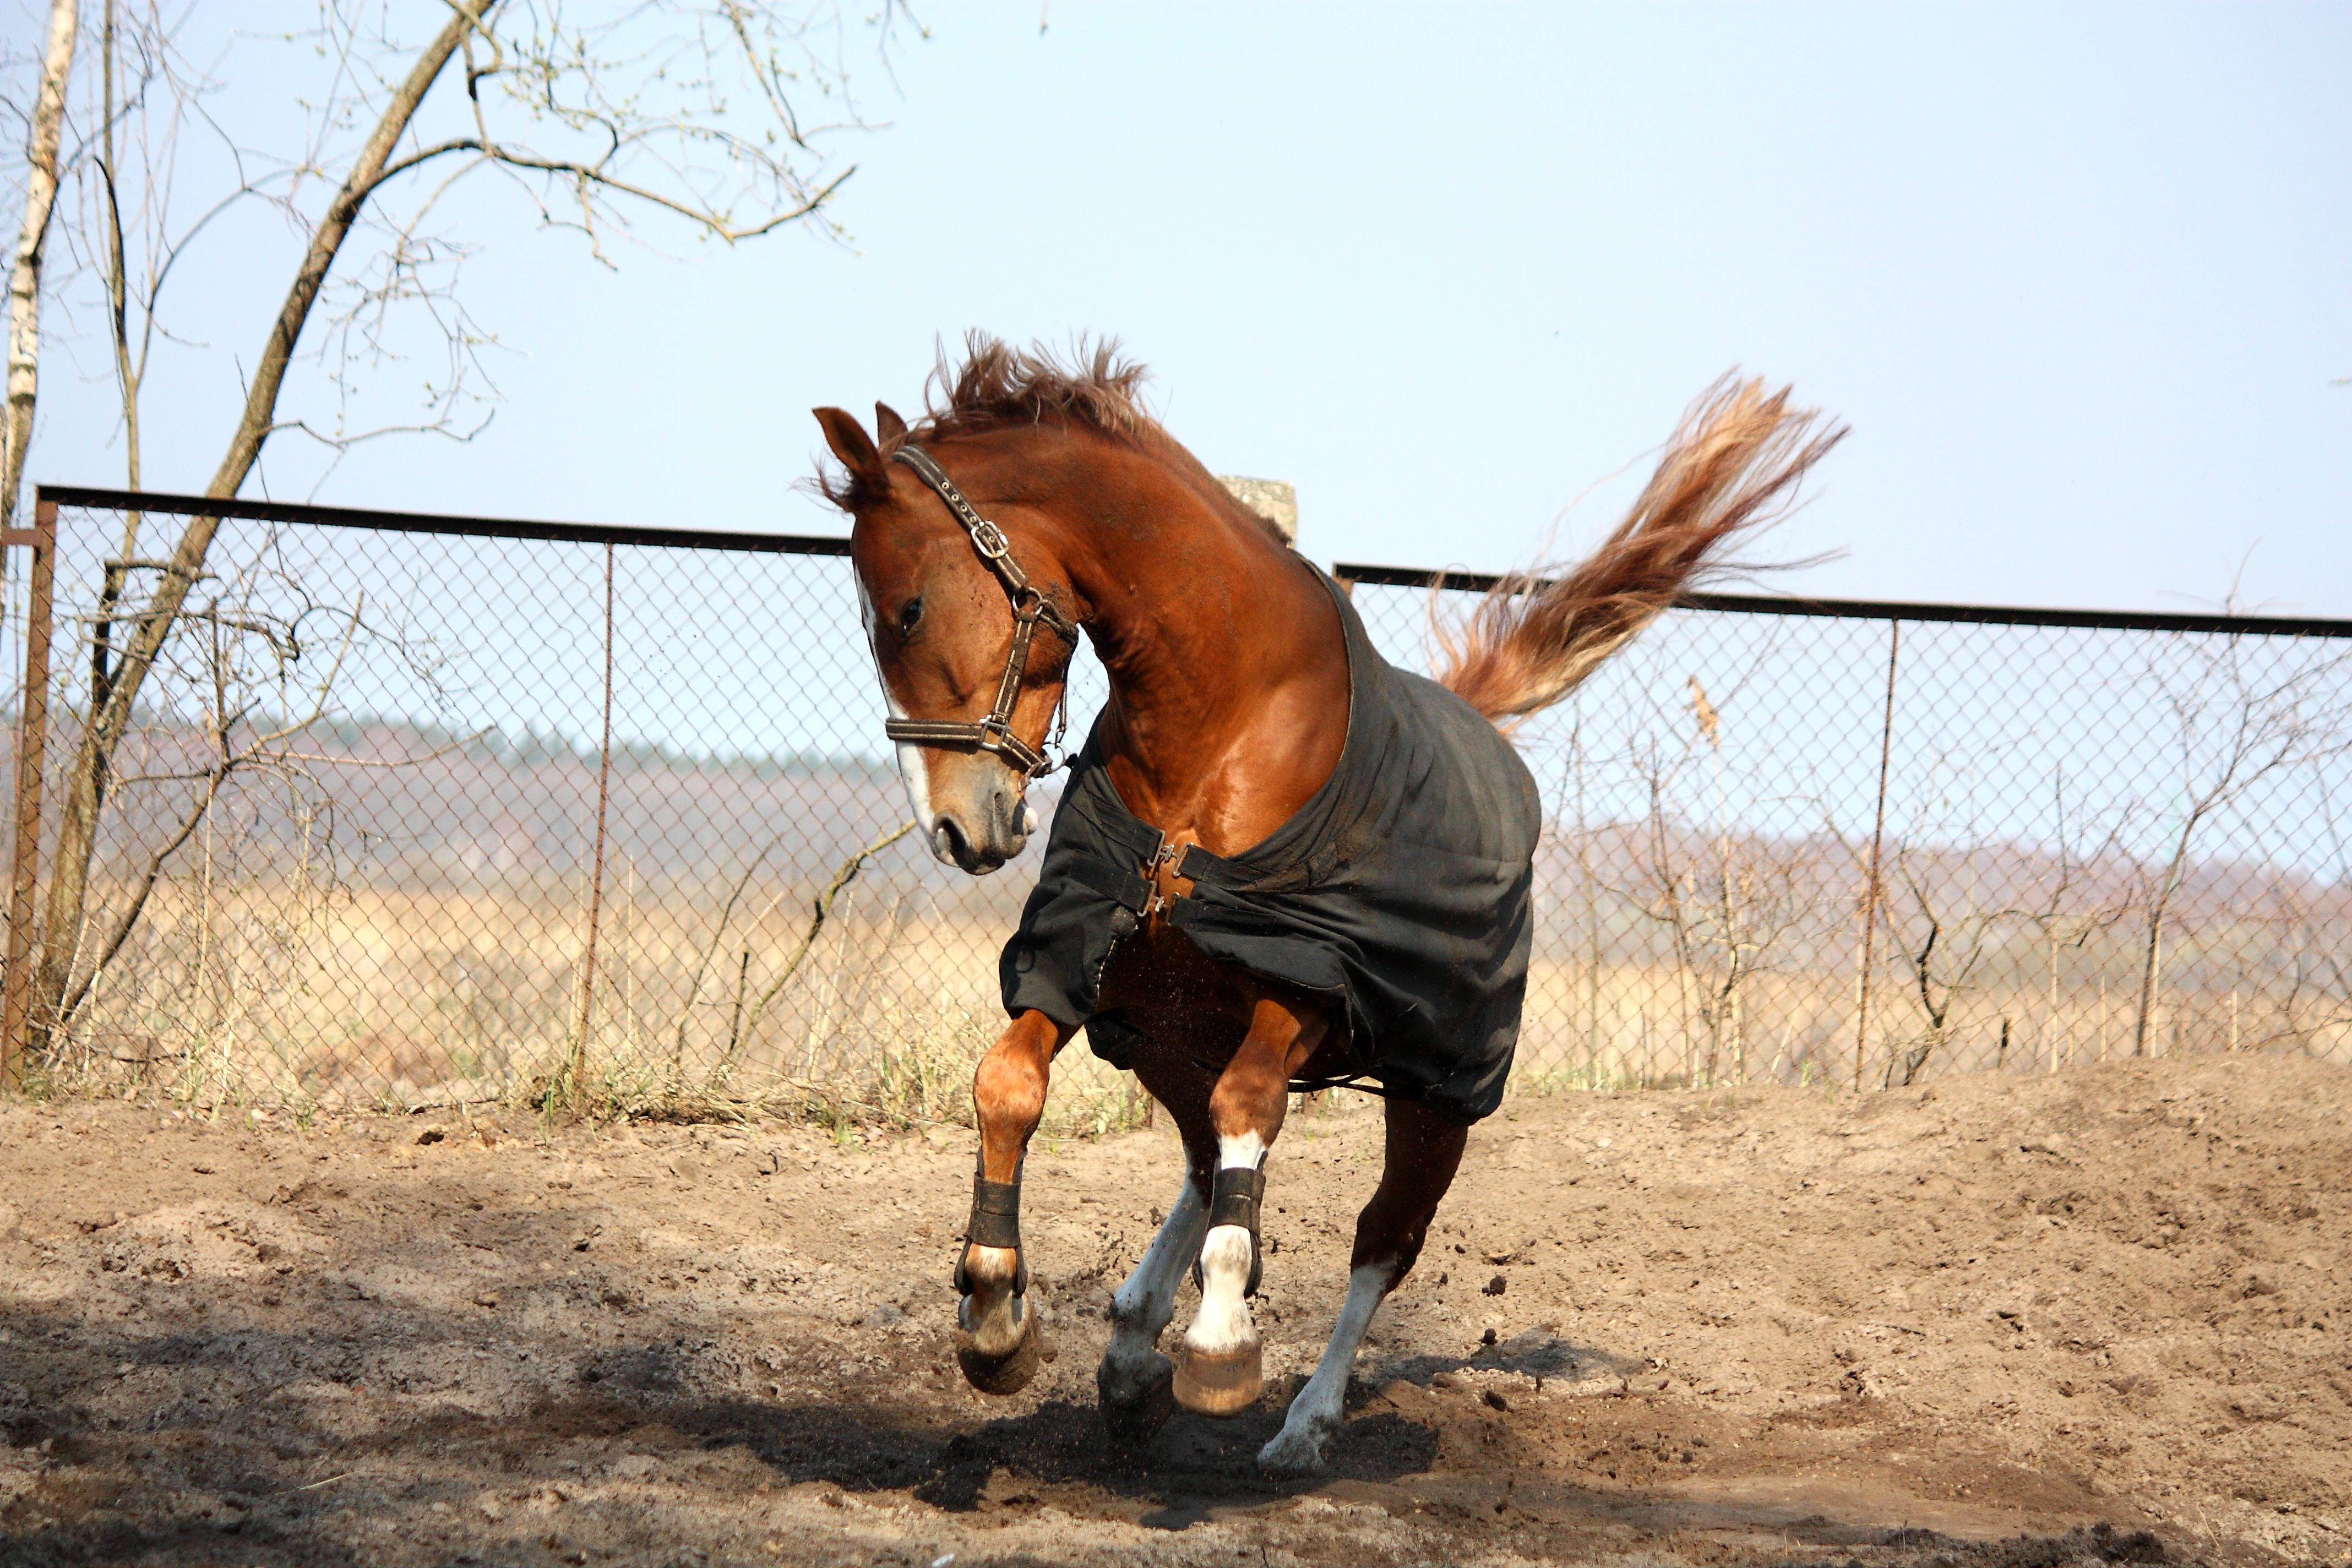 Pferd scheren Pro & Kontra